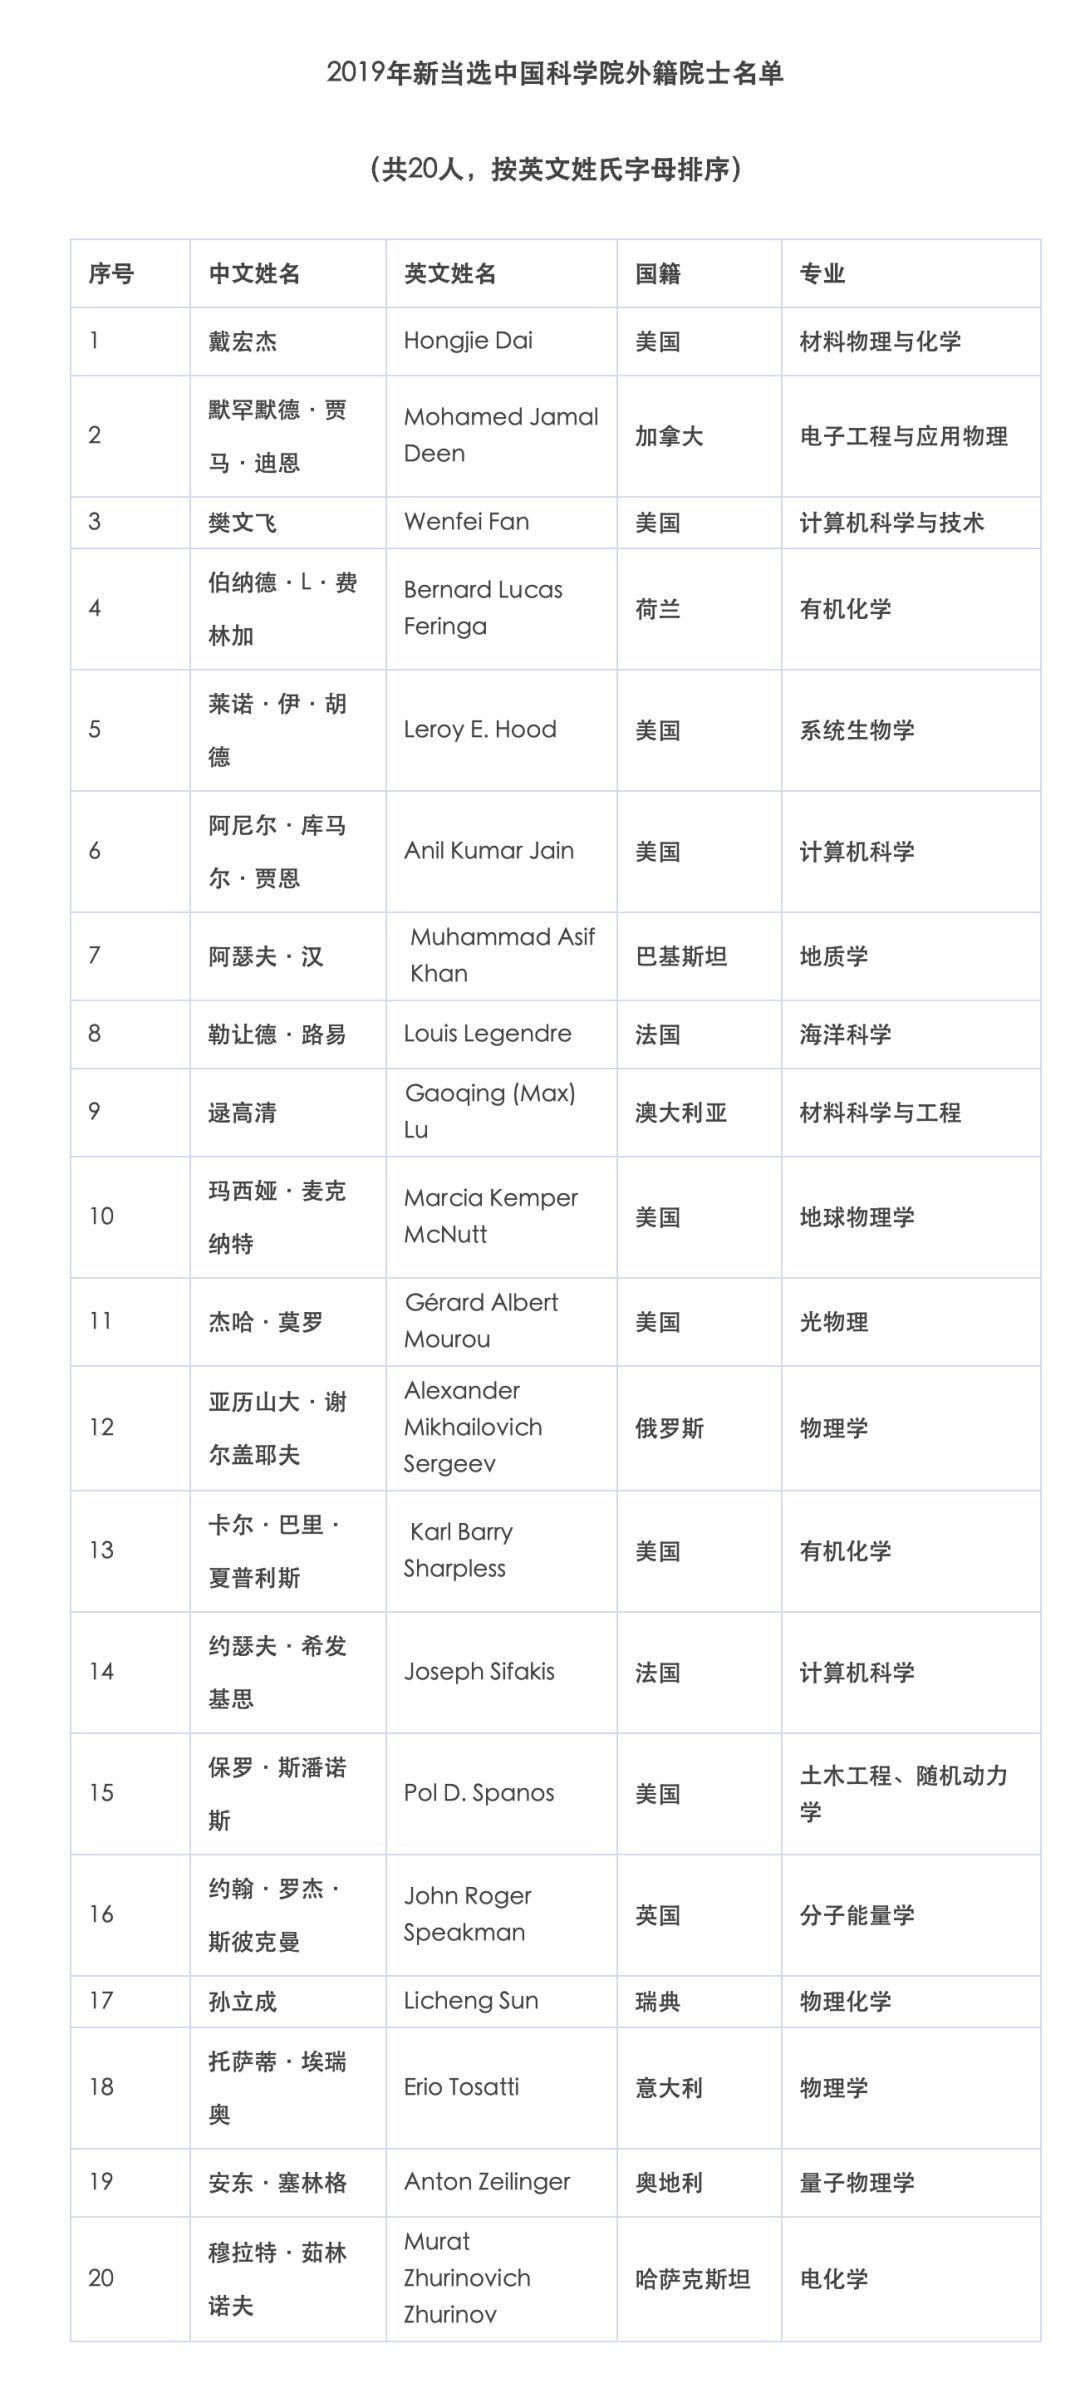 北京大学生人口占比_美国贫困人口占比图片